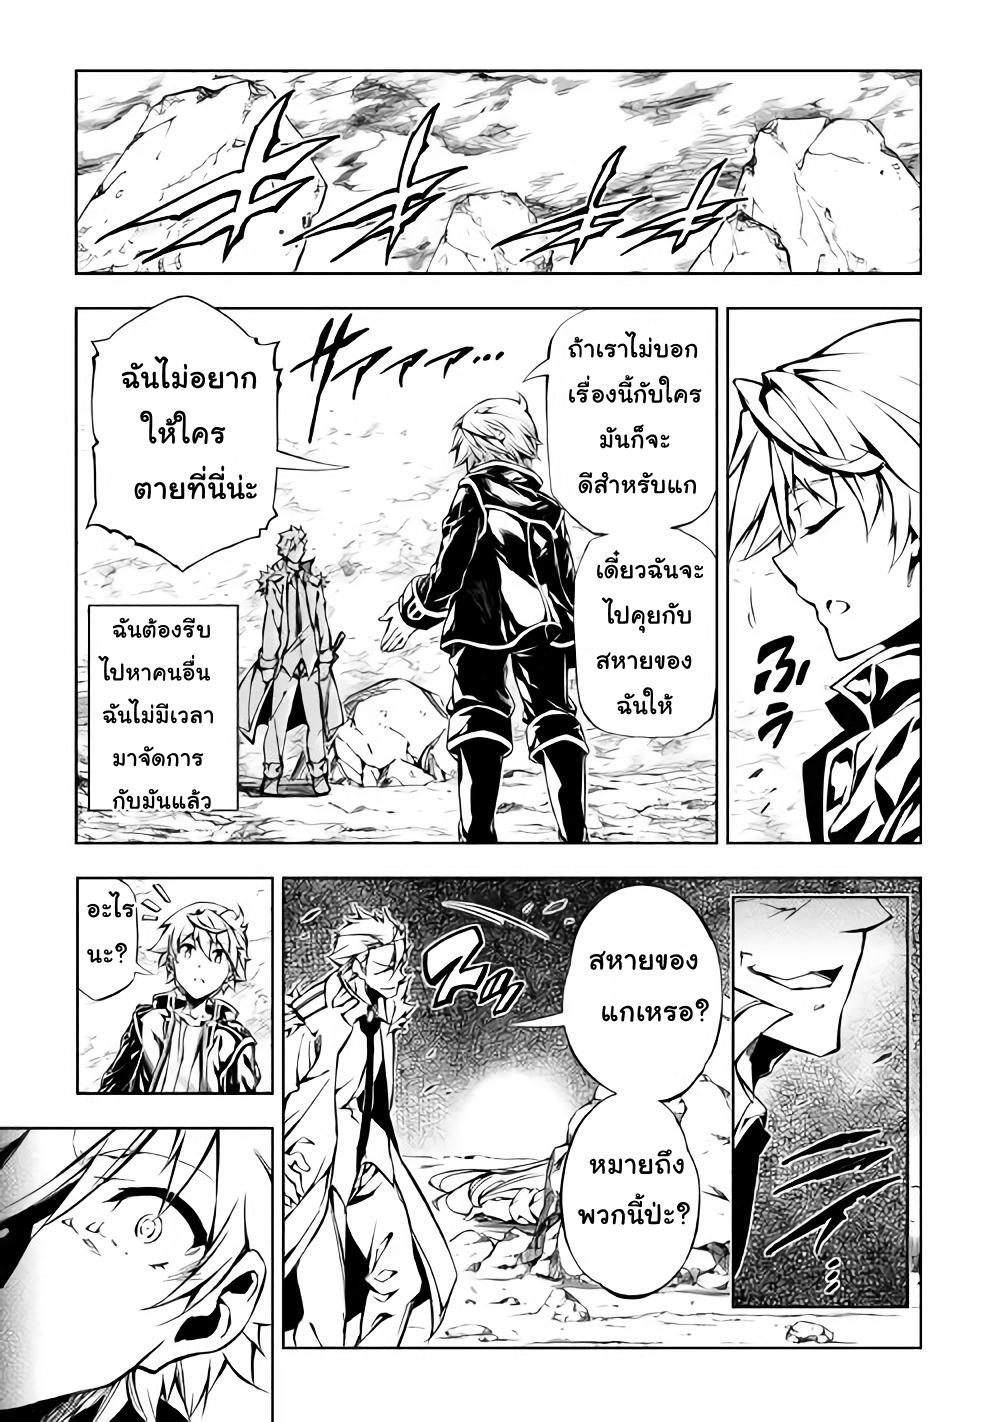 อ่านการ์ตูน Kouritsu Kuriya Madoushi, Dani no Jinsei de Madou o Kiwameru ตอนที่ 29 หน้าที่ 25